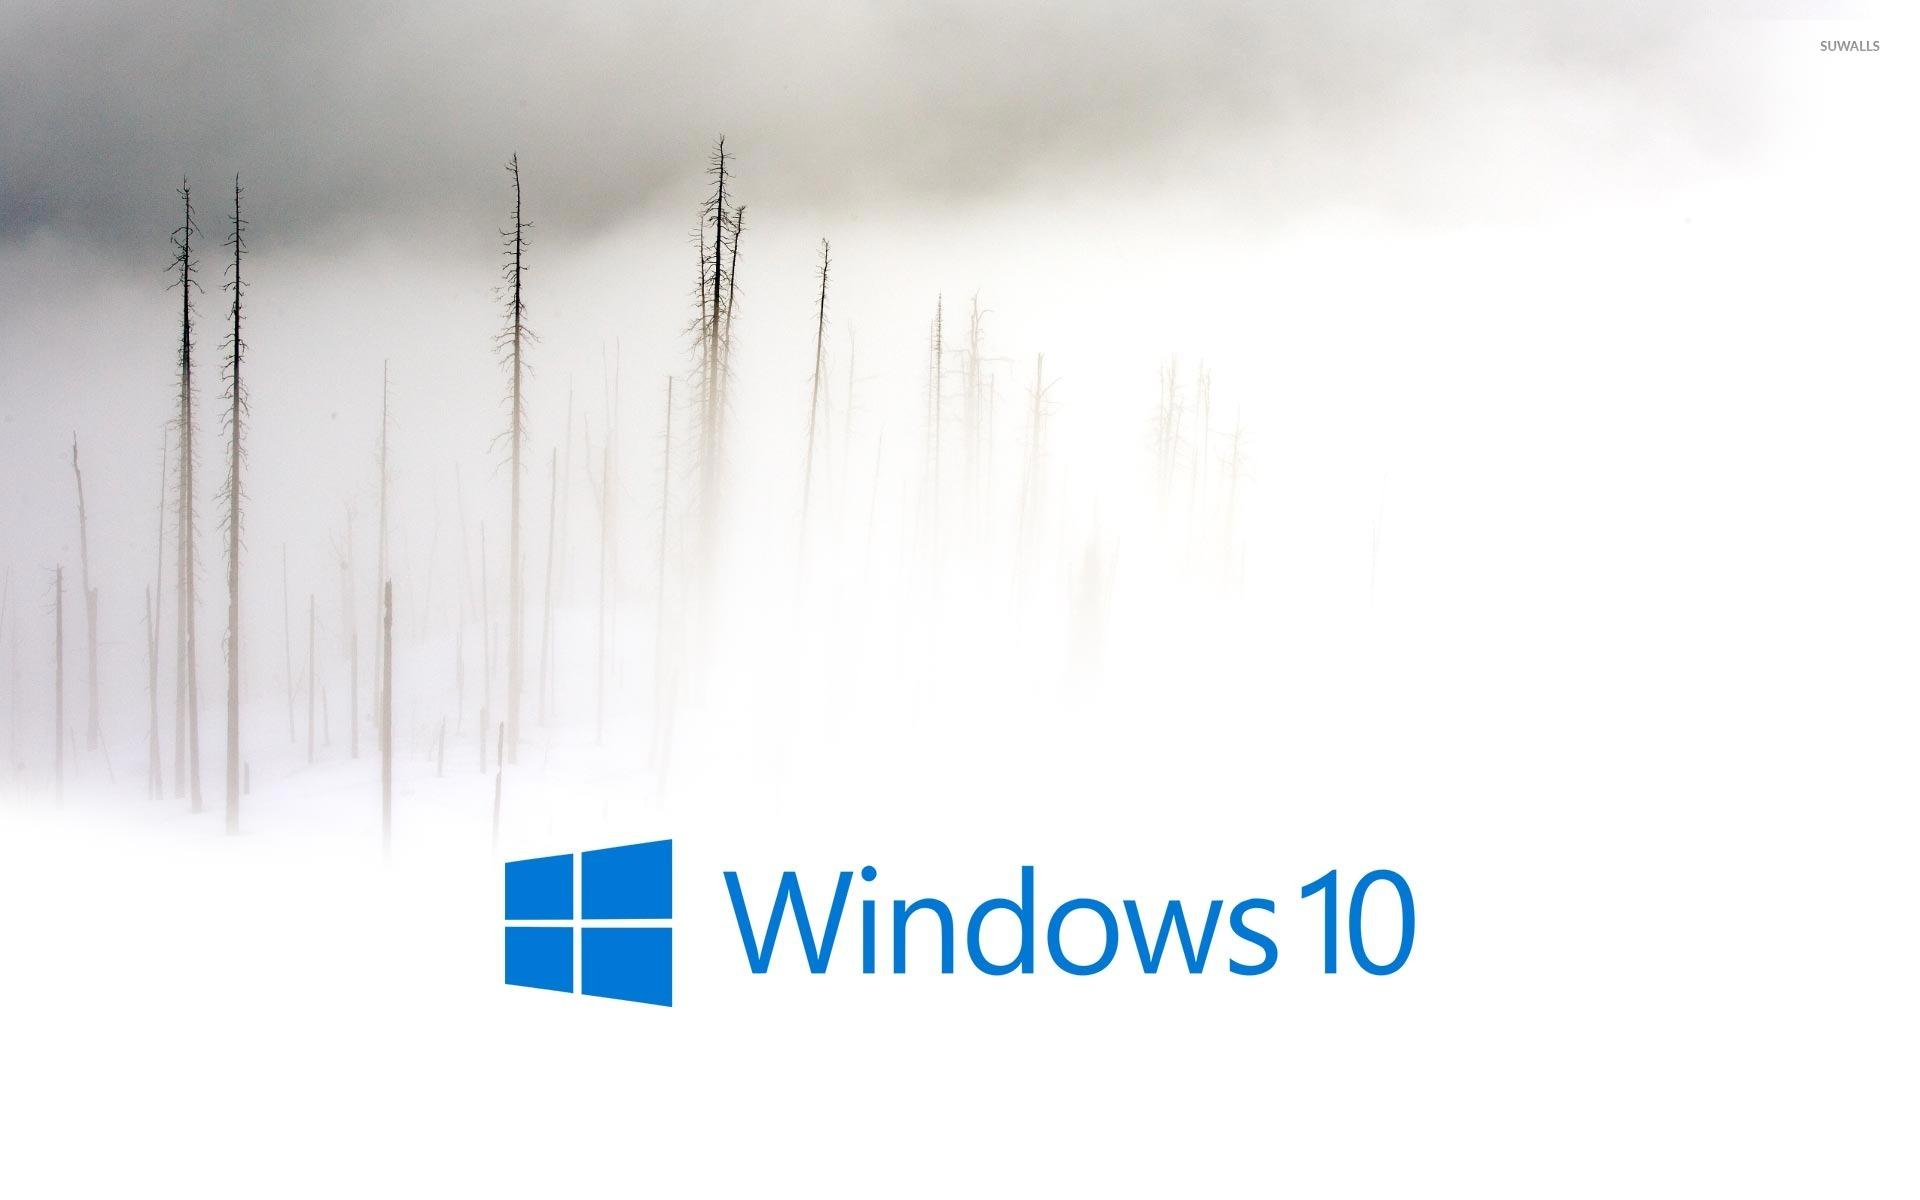 Windows 10 Fog Wallpaper Wallpapersafari